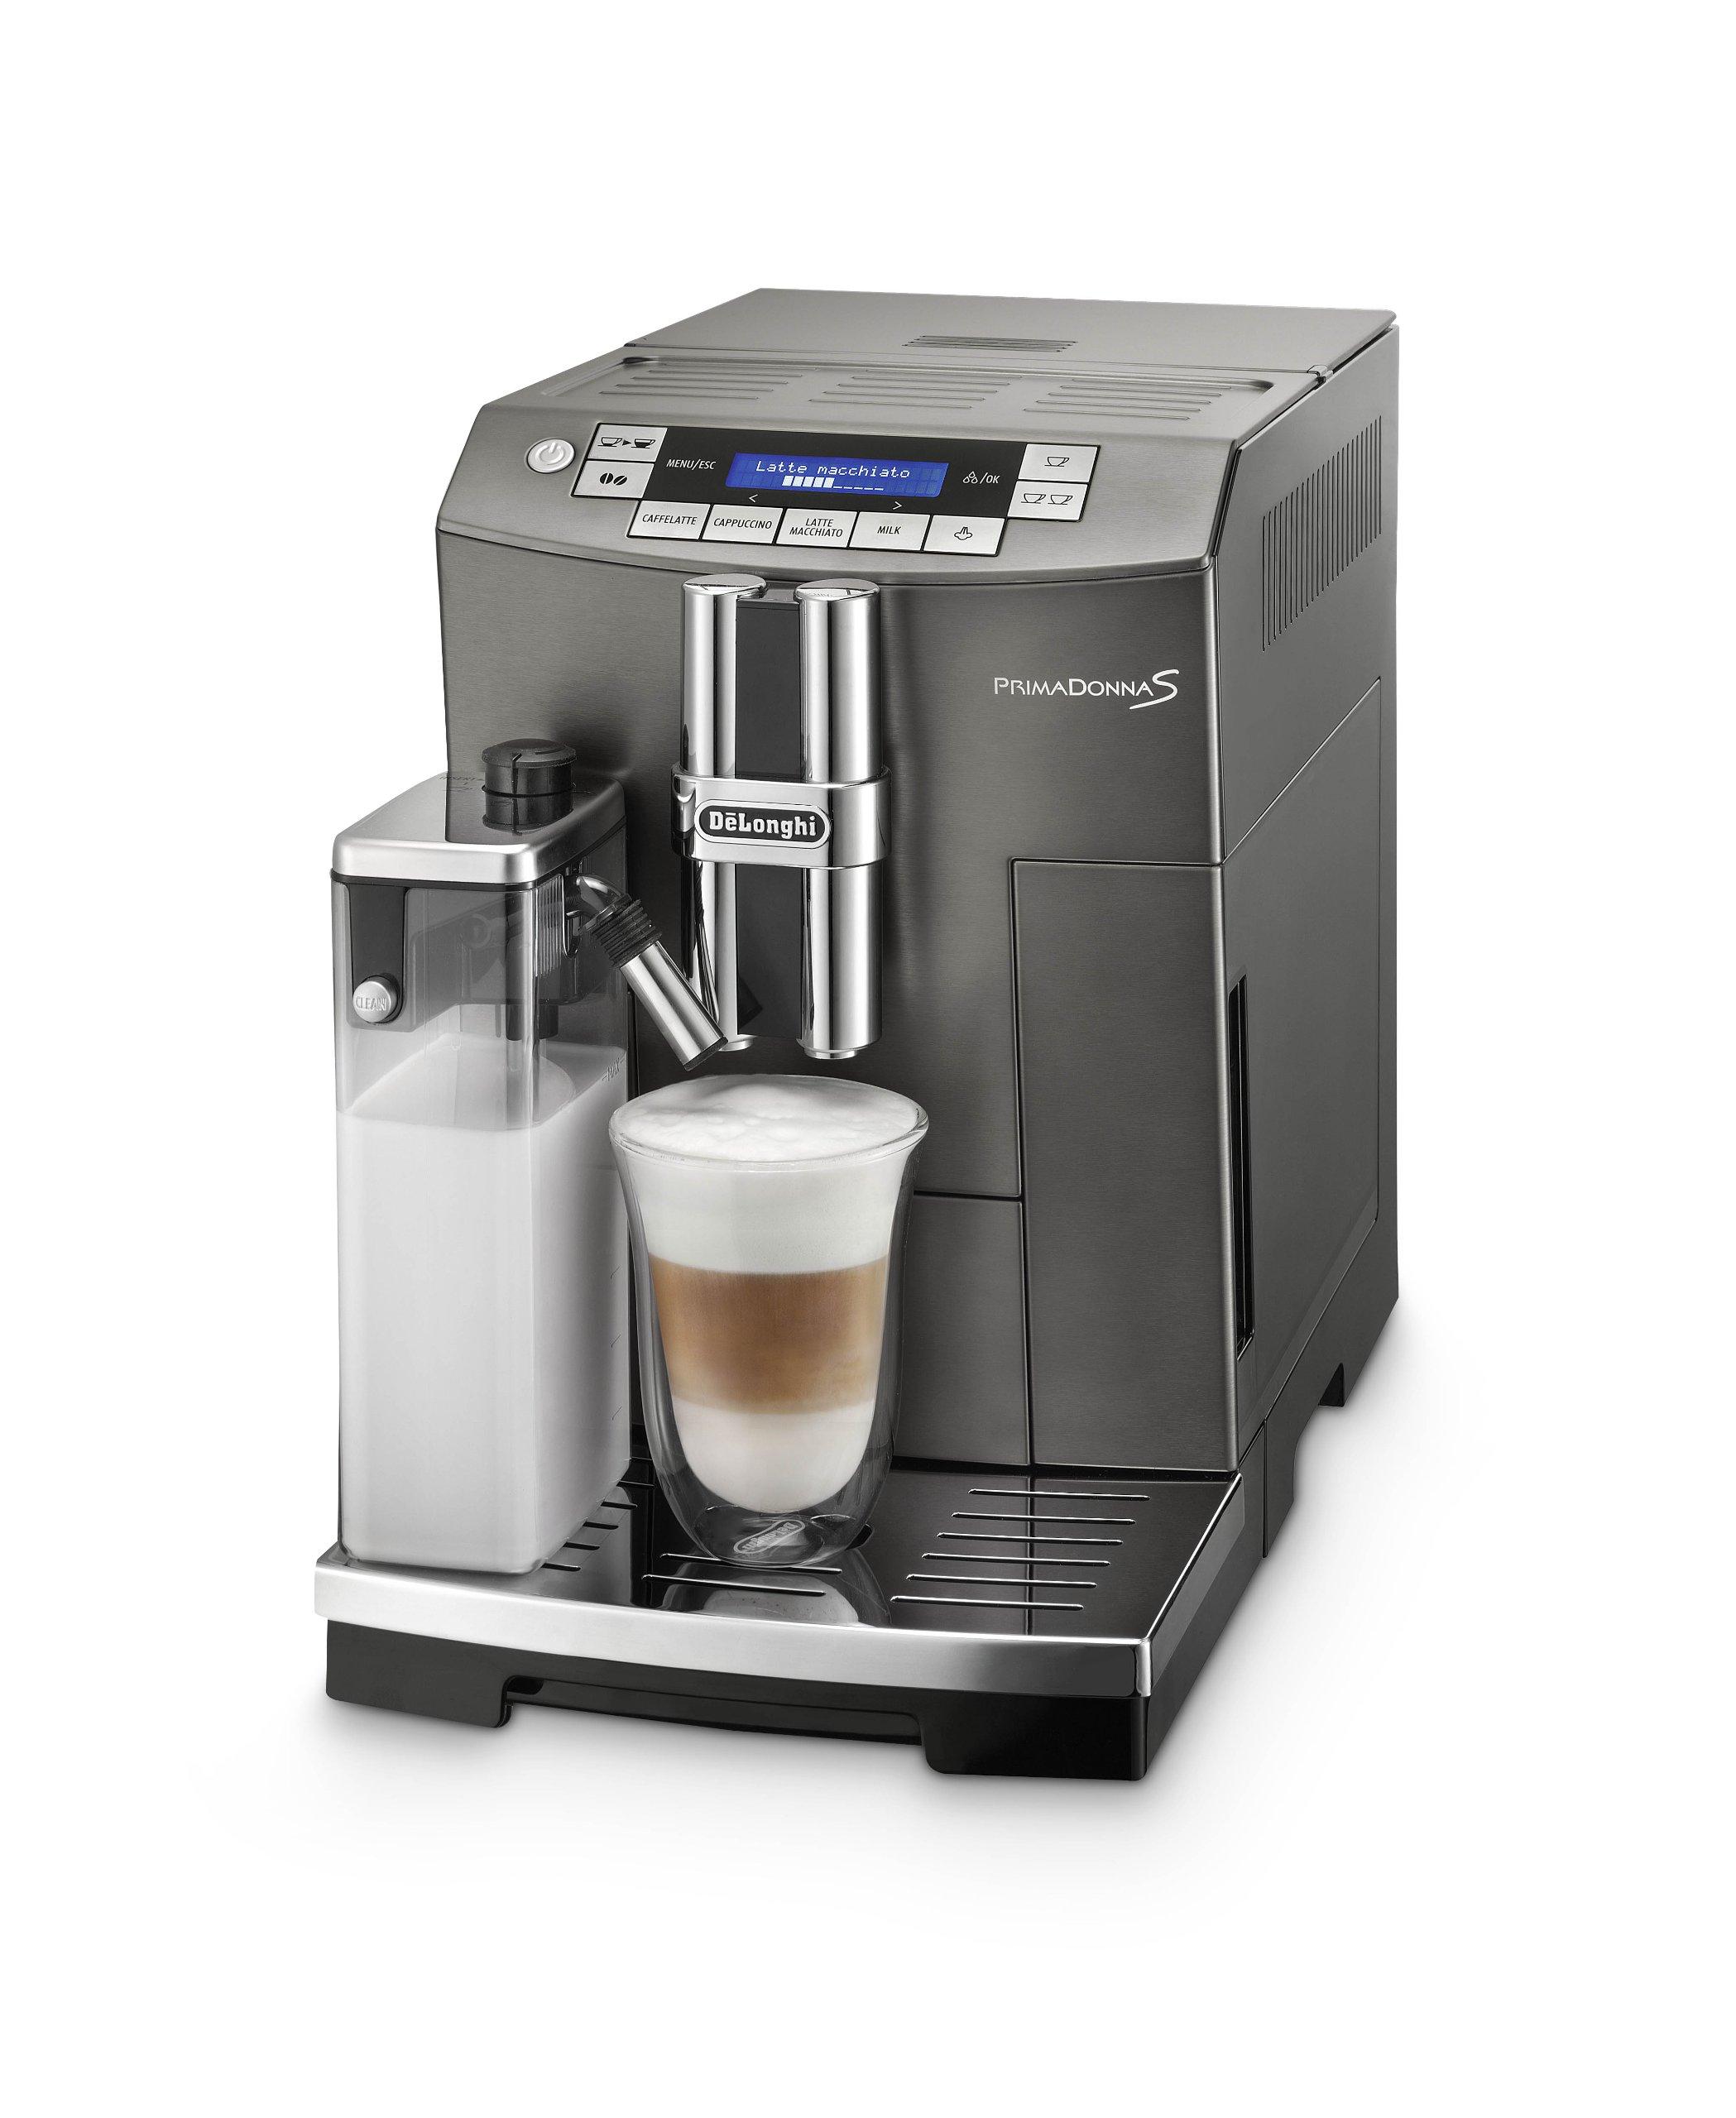 DeLonghi PrimaDonna S Independiente Máquina espresso 2 L Totalmente automática - Cafetera (Independiente, Máquina espresso, 2 L, Molinillo integrado, 1450 W, Grafito): Amazon.es: Hogar